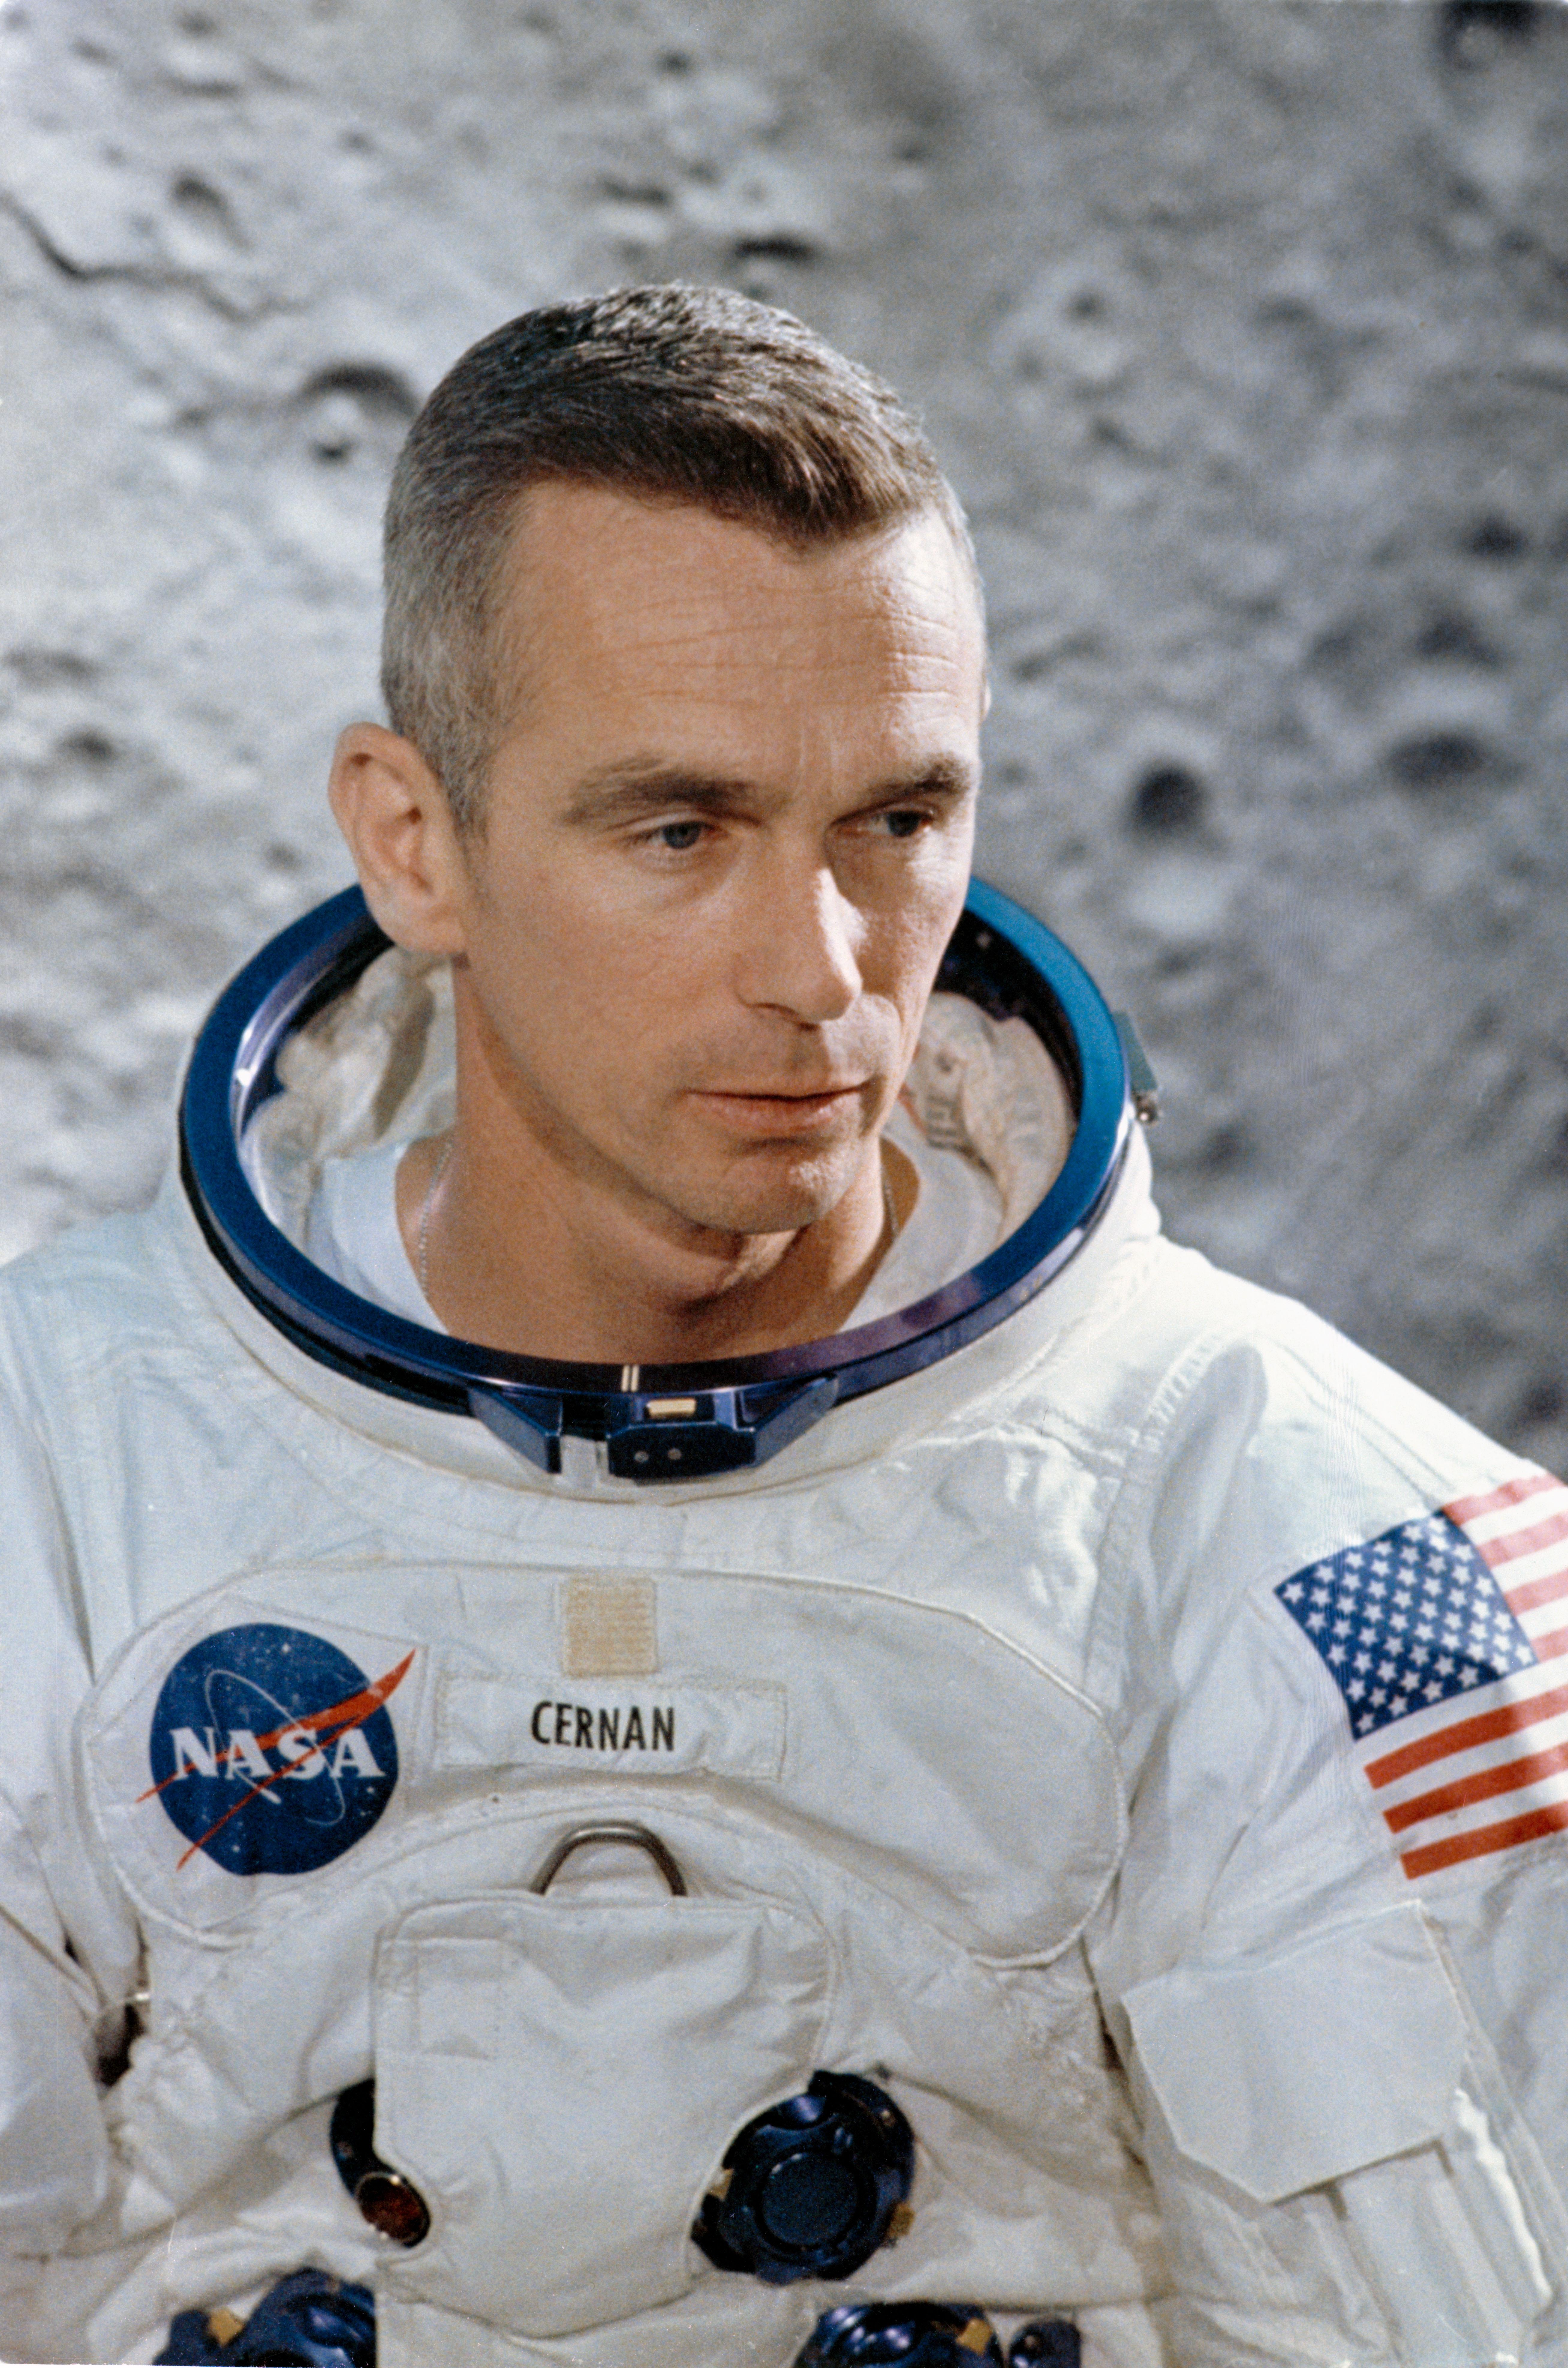 File:Astronaut Eugene A  Cernan, prime crew lunar module